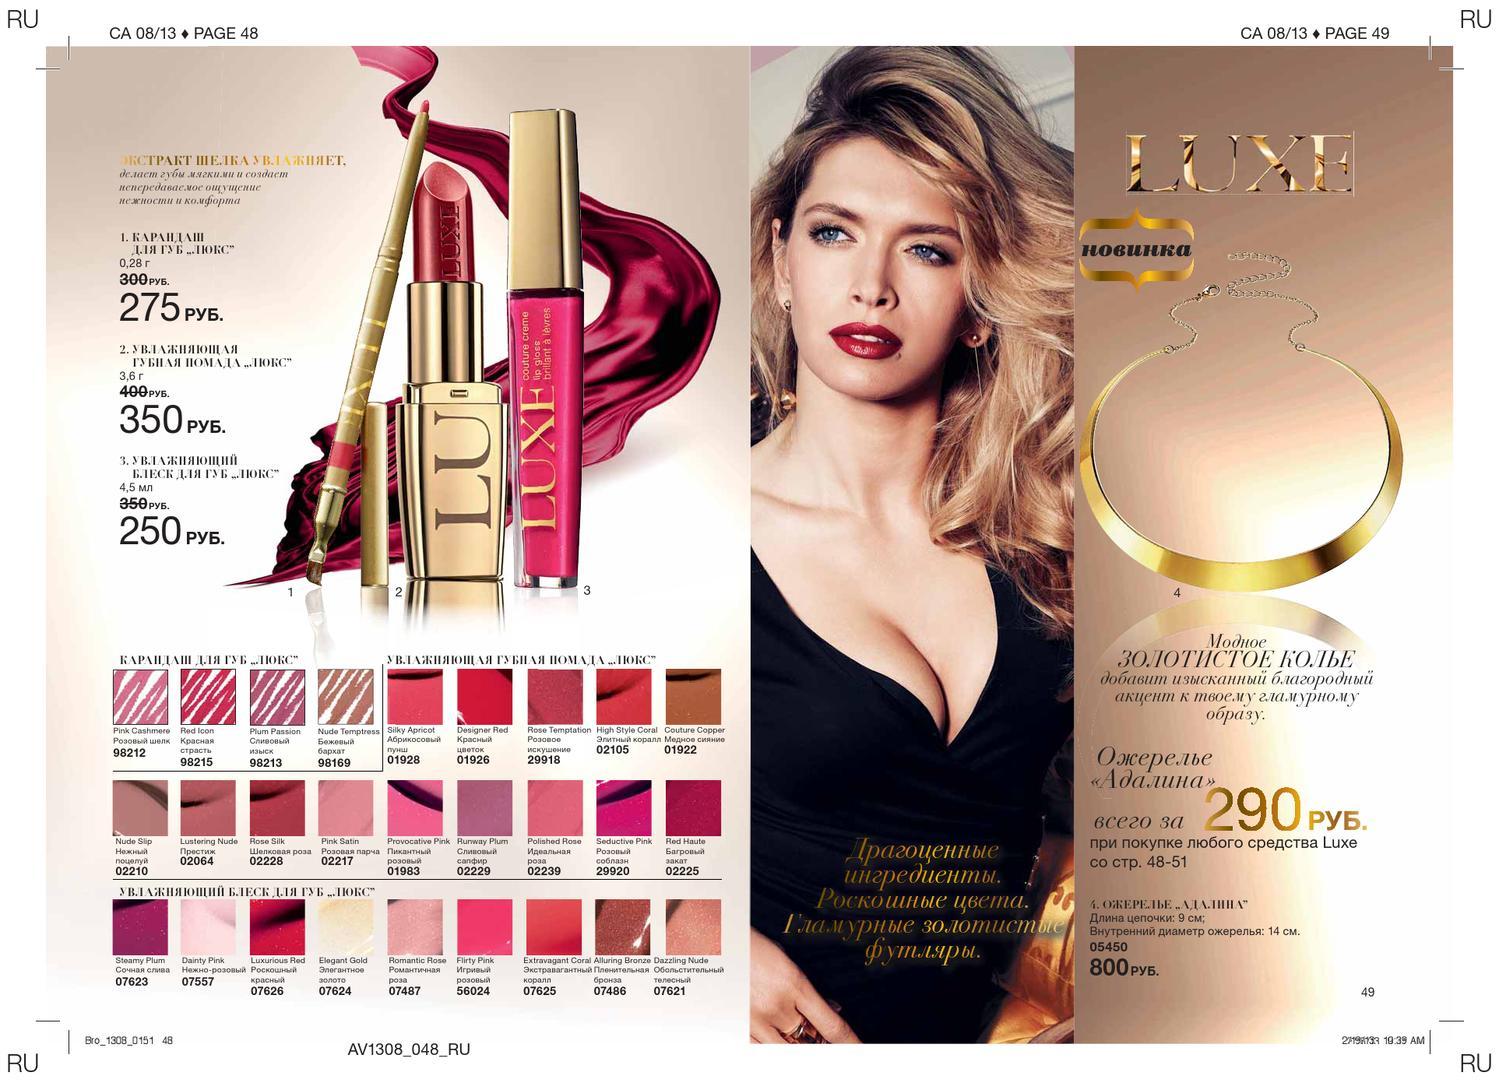 Мини каталог эйвон 08 2013 купить белорусскую косметику в донецке